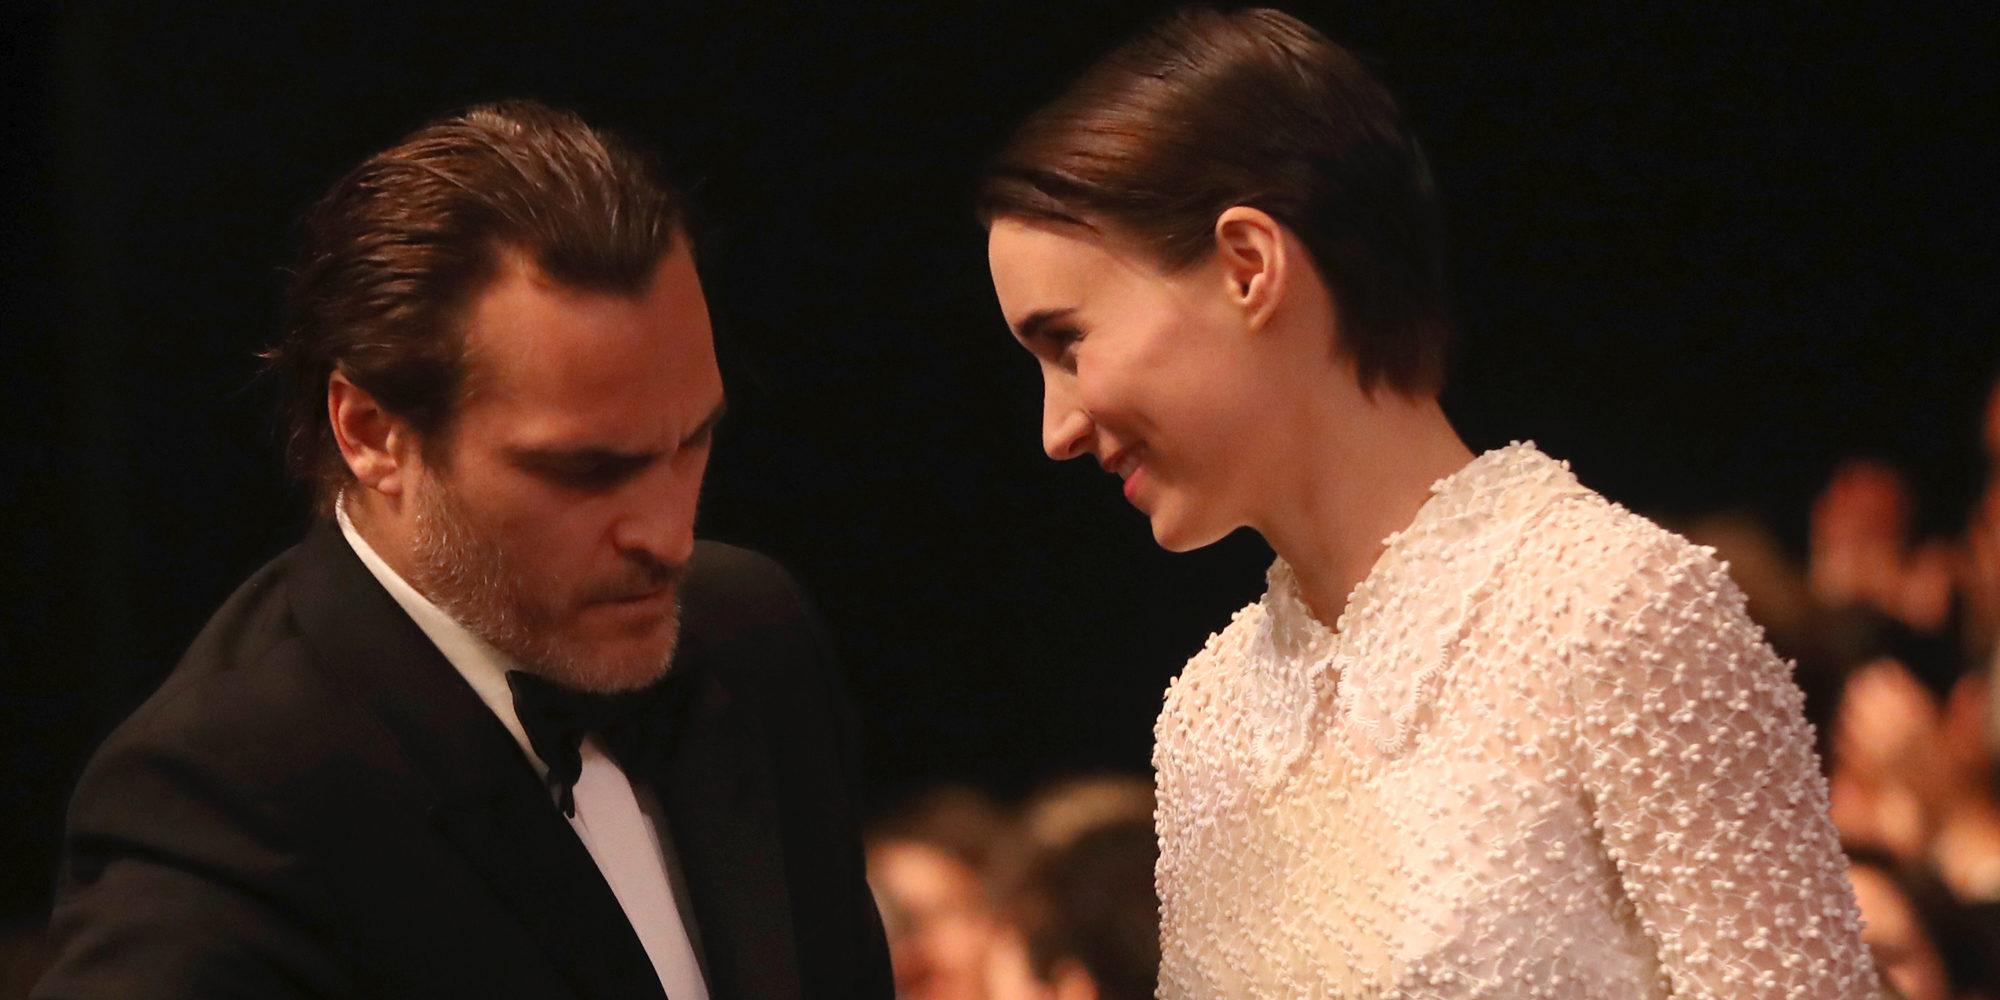 Confirmada la relación entre Joaquin Phoenix y Rooney Mara